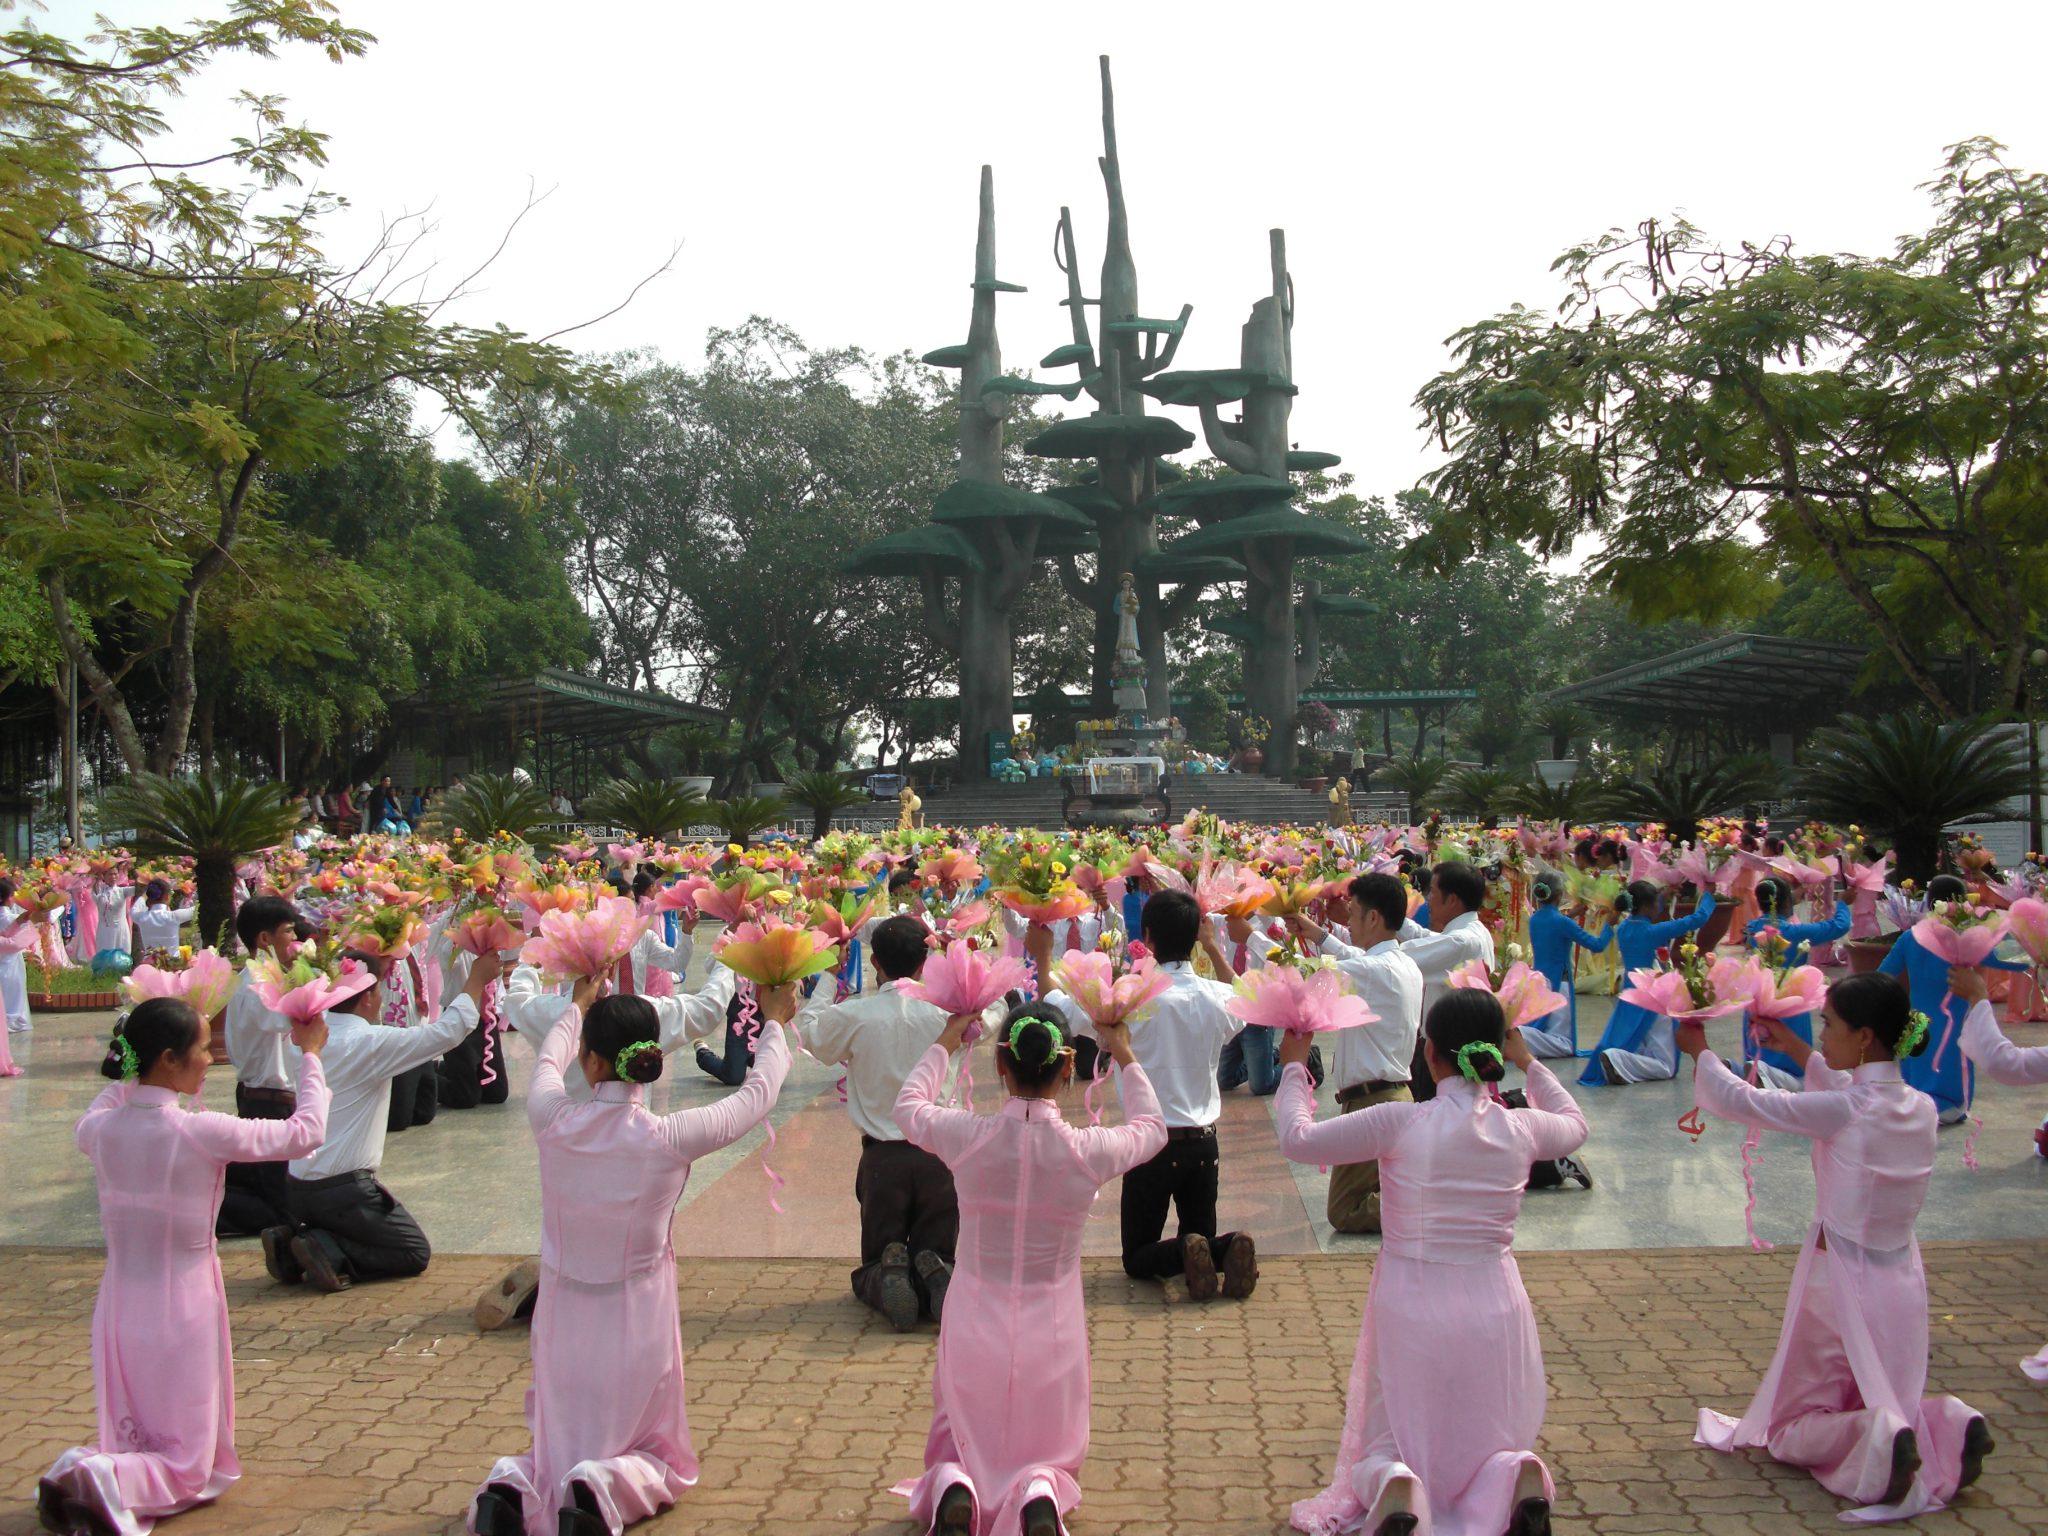 Lễ hành hương tháng 5 tại Trung tâm Toàn Quốc Thánh Mẫu La Vang